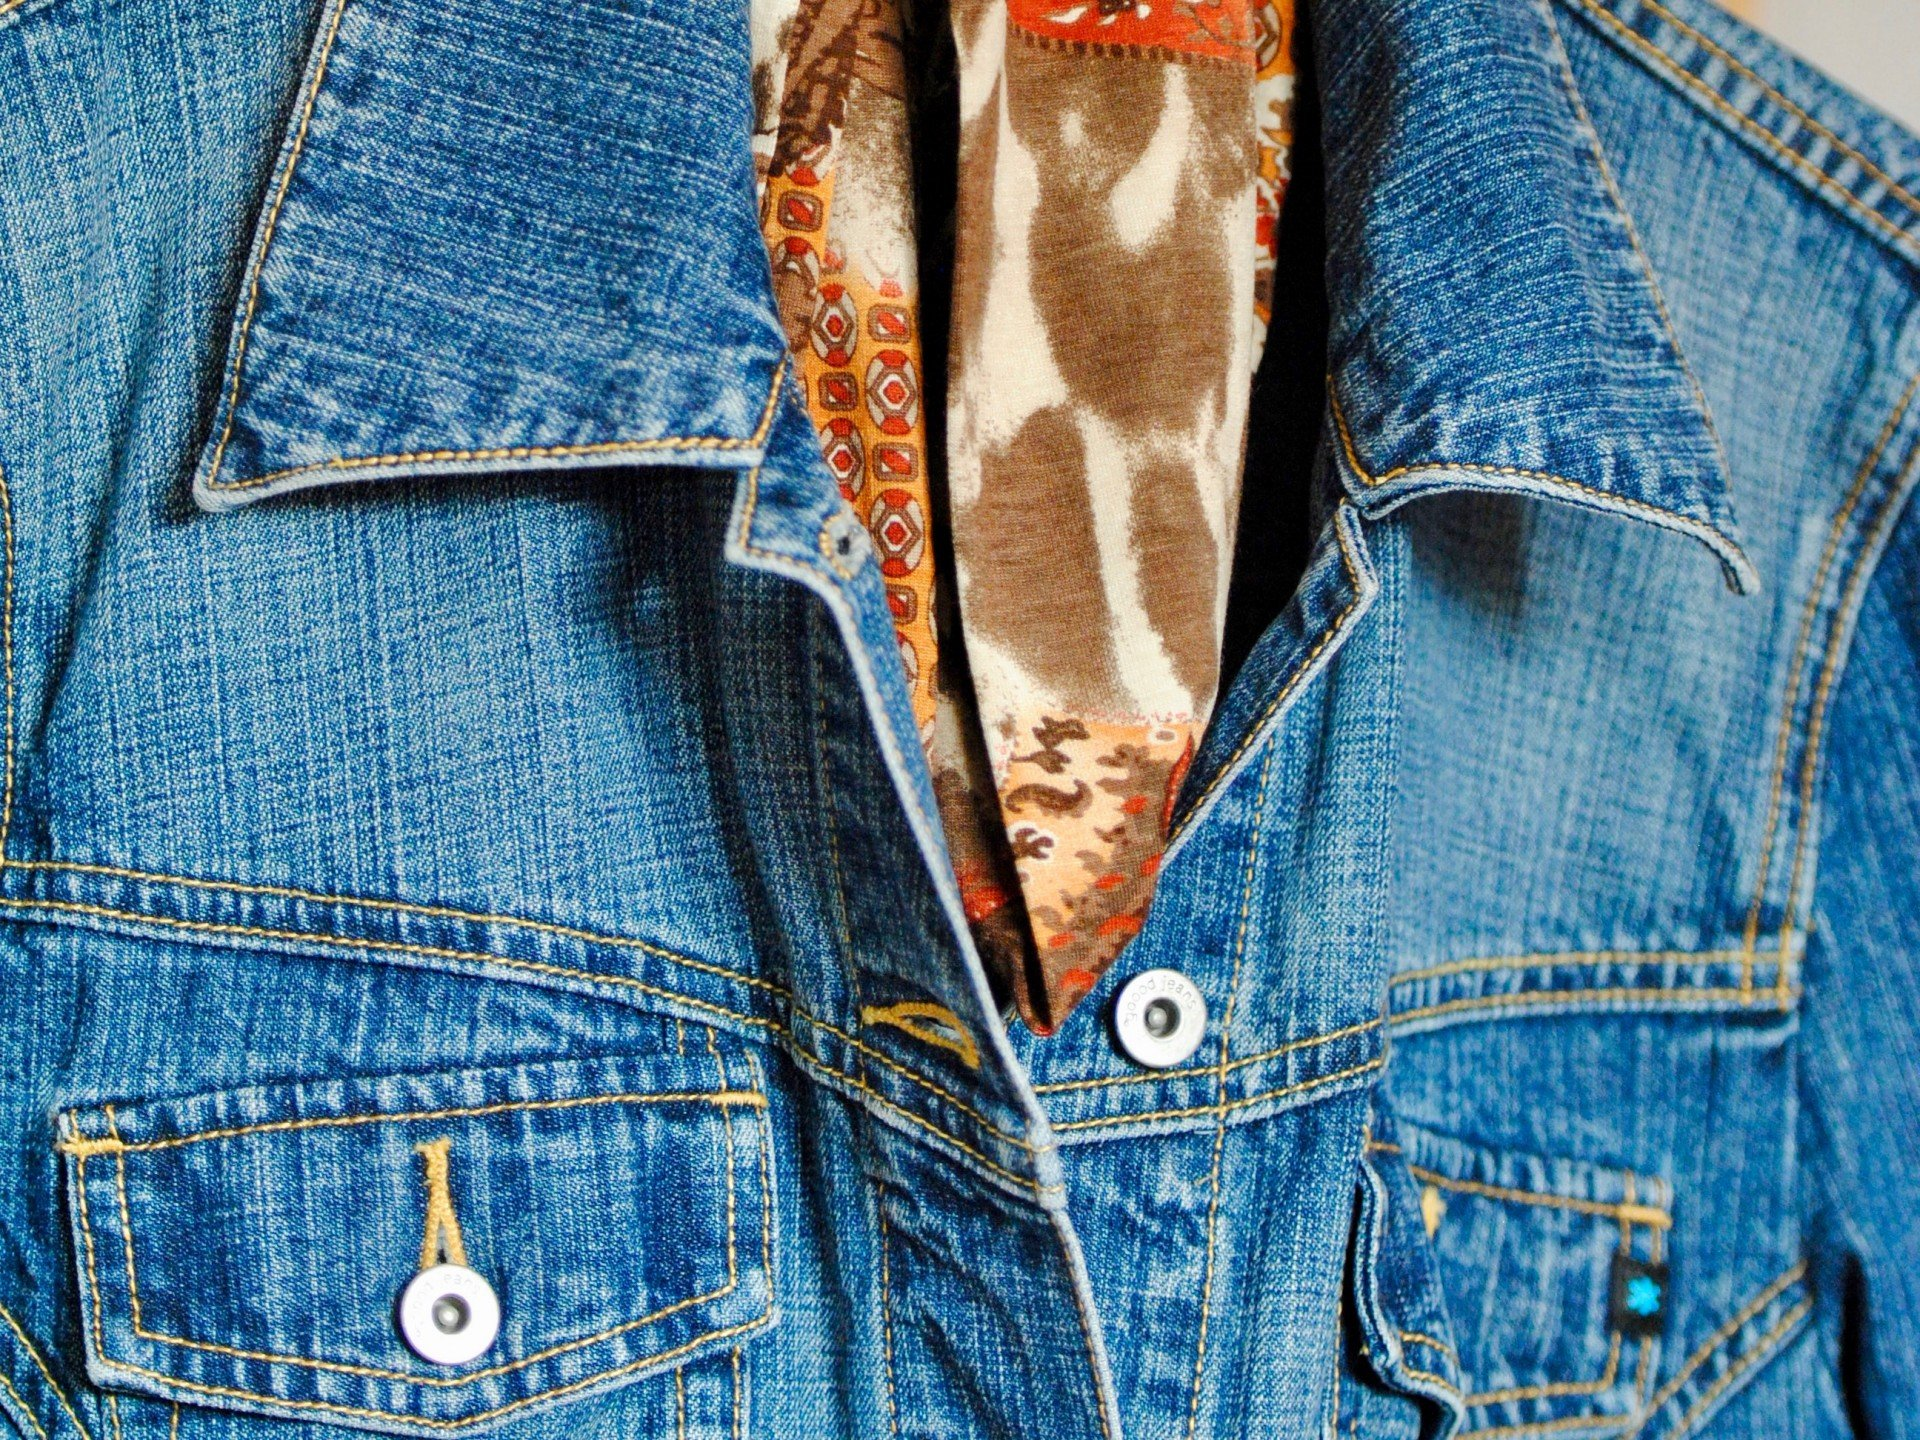 Jeans gehört zu den Produkten, die in der Herstellung gefährlich für die Arbeiter sind.